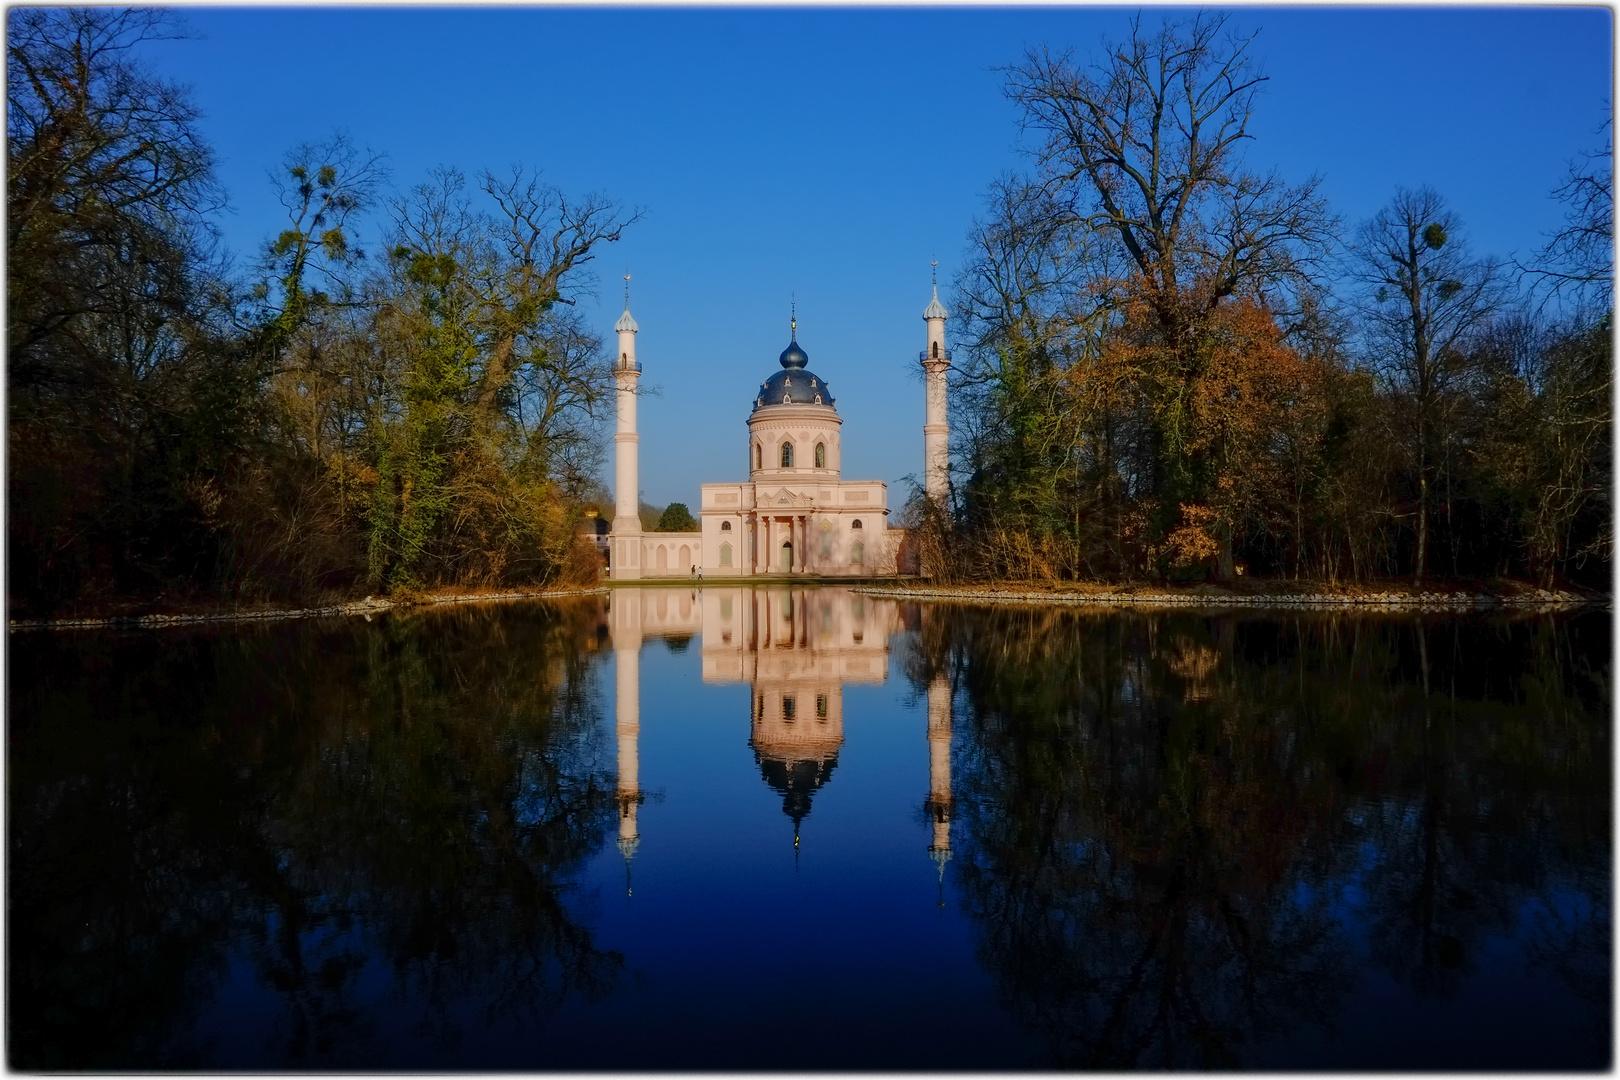 Moschee im Schlosspark Schwetzingen 2